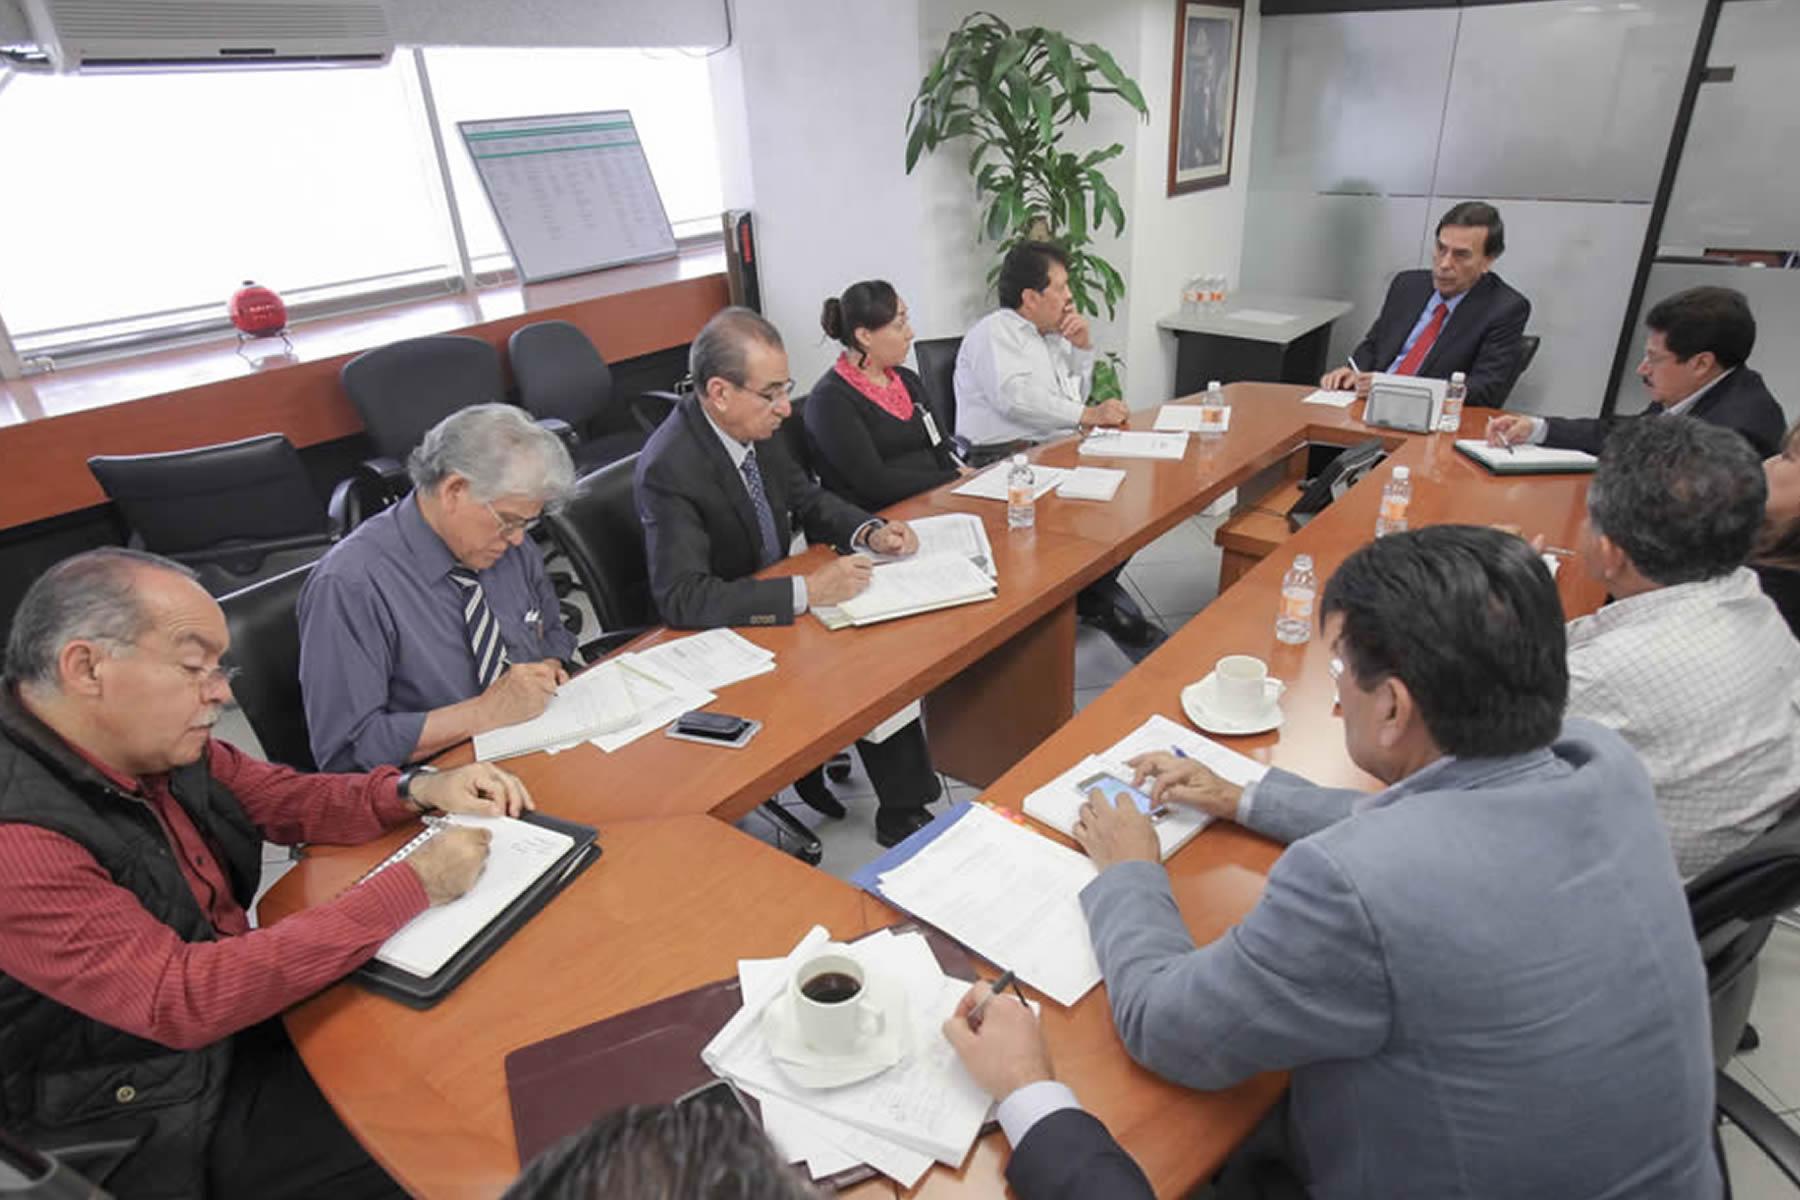 La SAGARPA realiza una serie de encuentros con organizaciones sociales del sector con el fin de analizar retos y expectativas de crecimiento y desarrollo del campo mexicano, así como supervisar los esquemas y proyectos productivos.